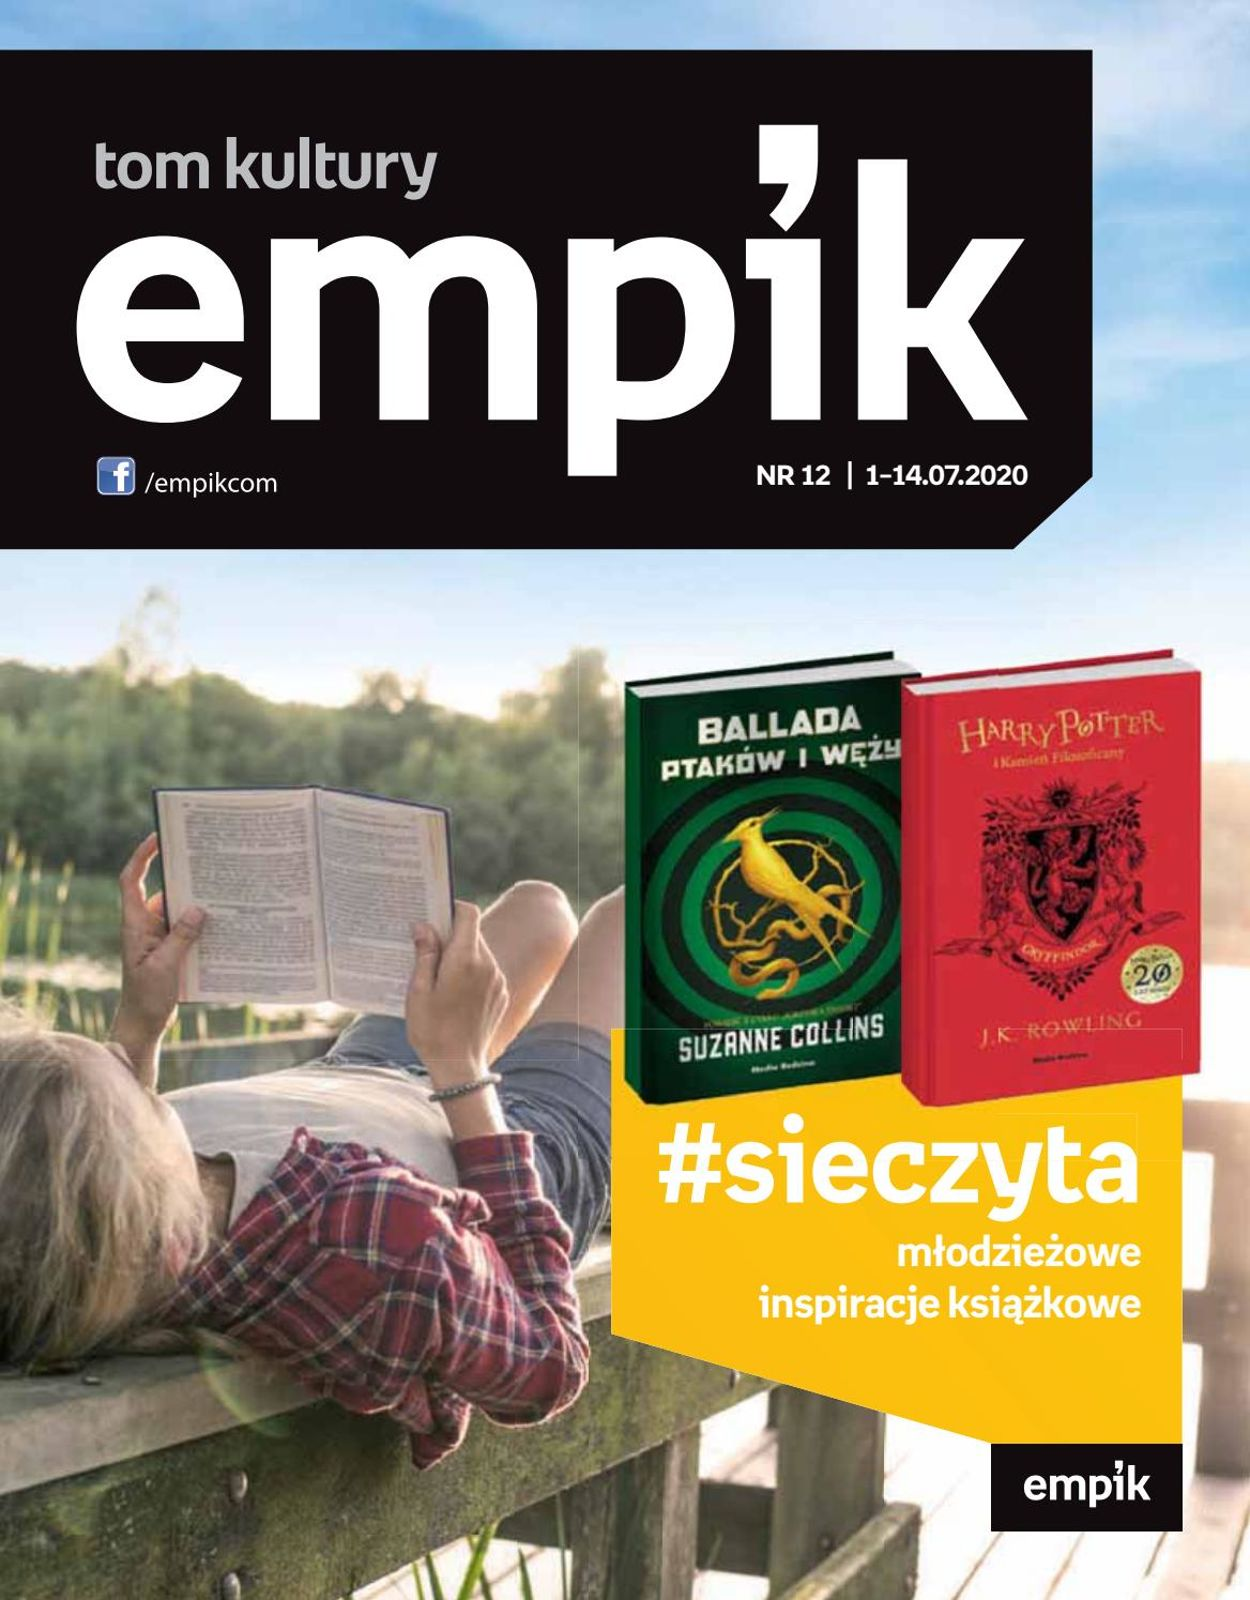 Gazetka promocyjna Empik - 01.07-14.07.2020